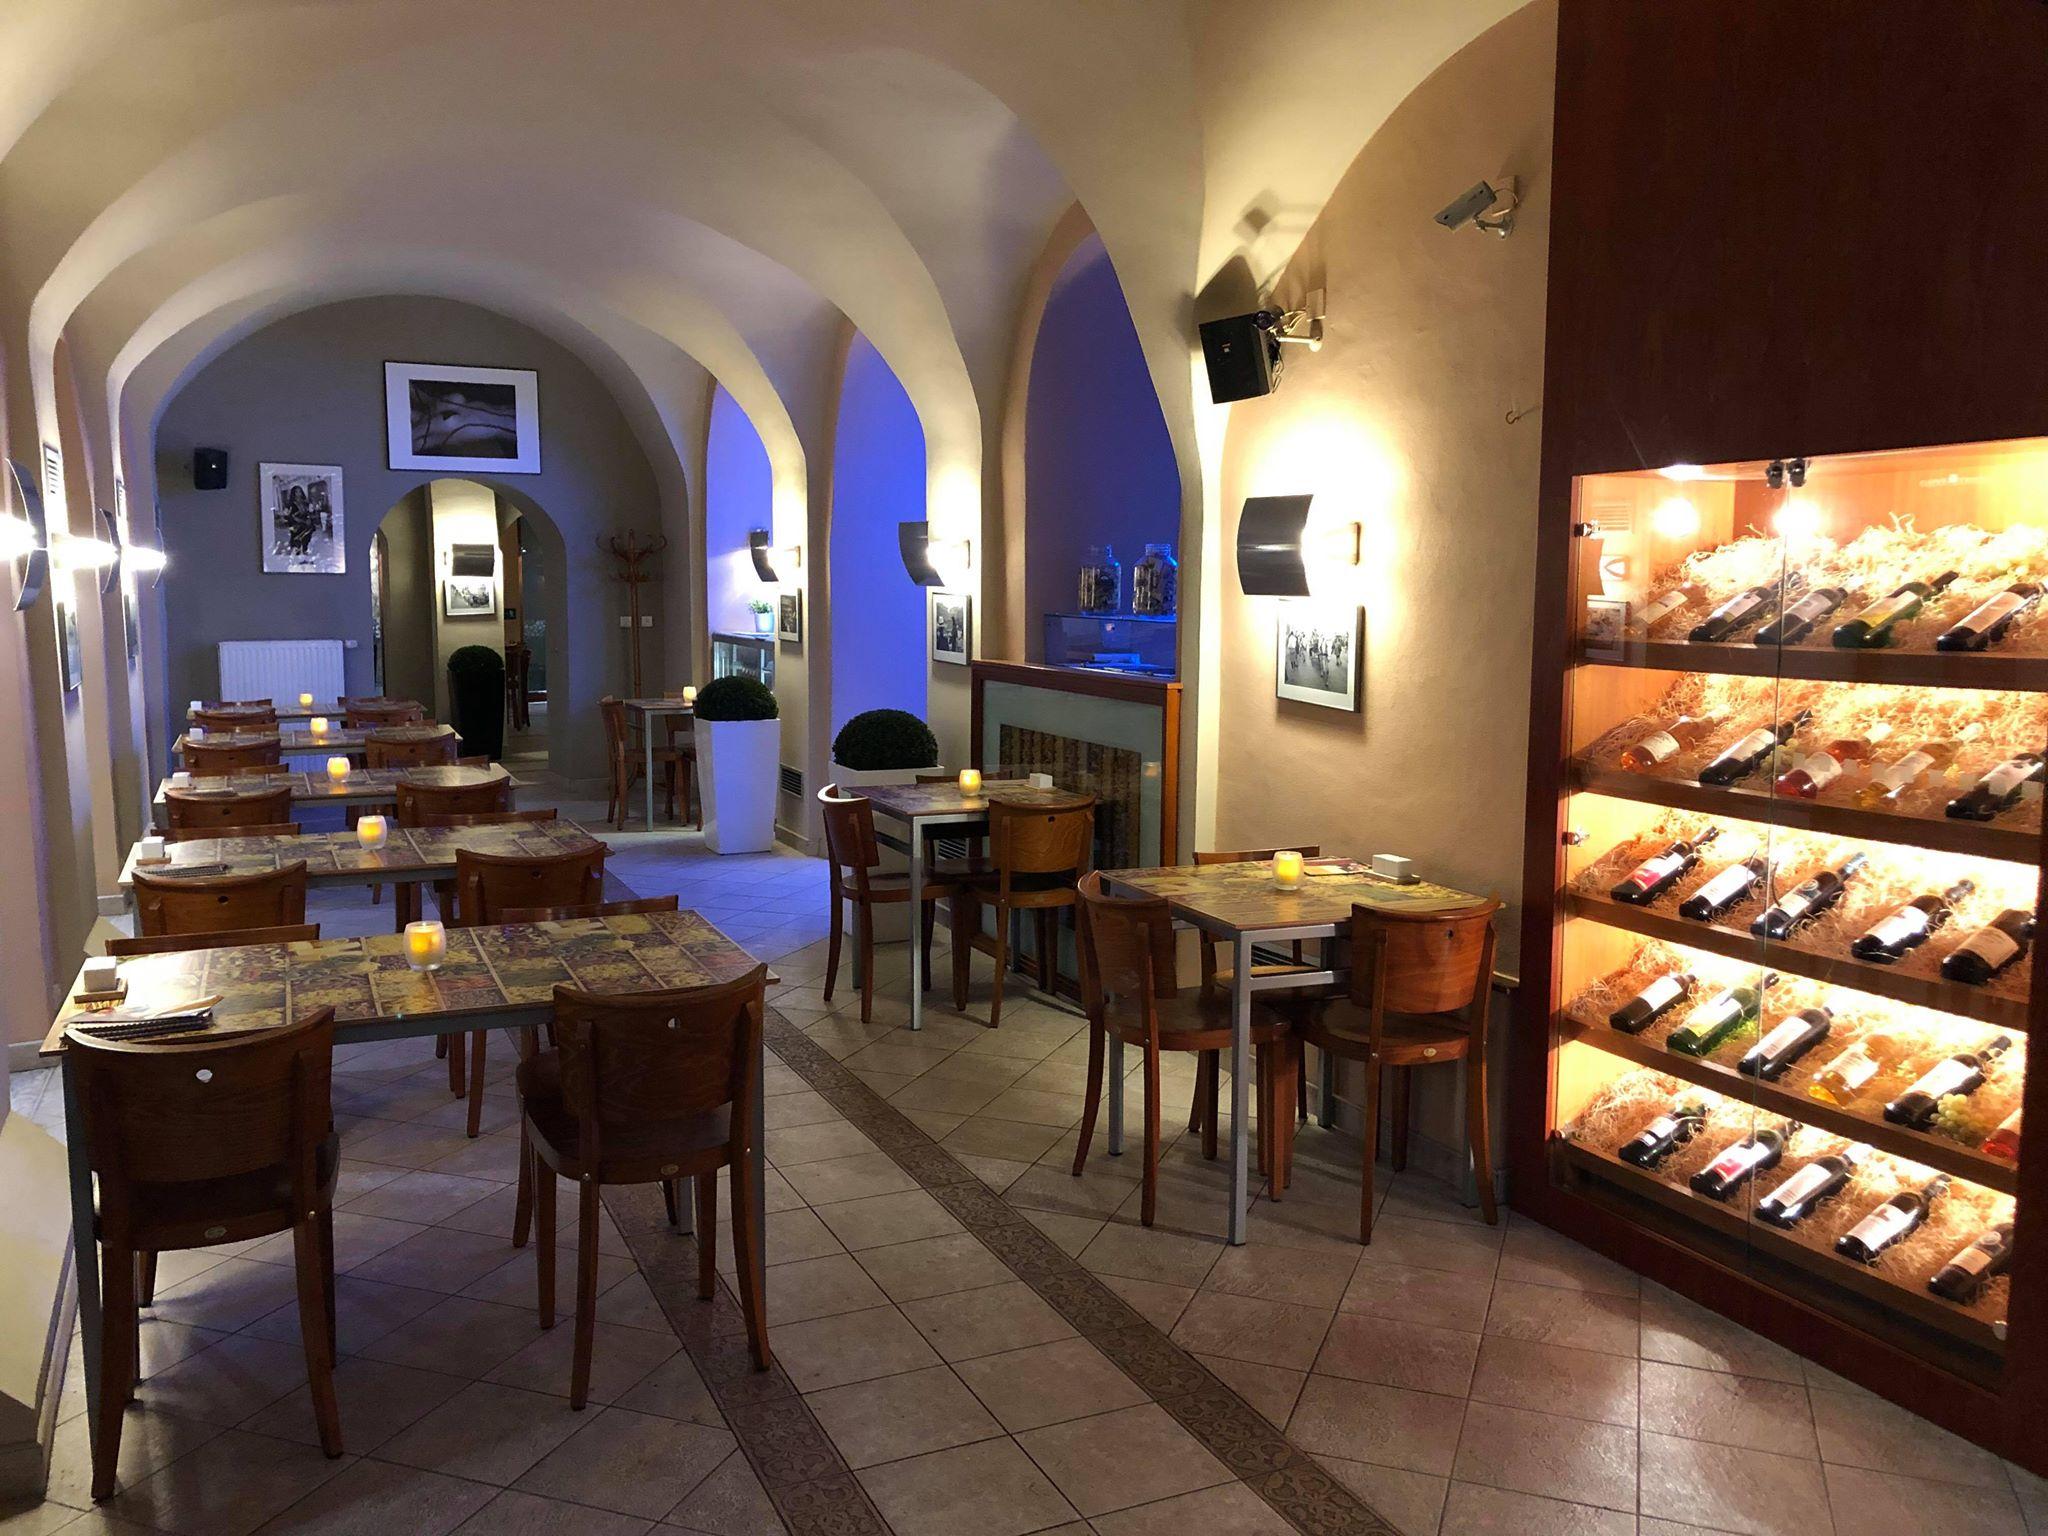 Работа в Чехии поваром, официантом, барменом